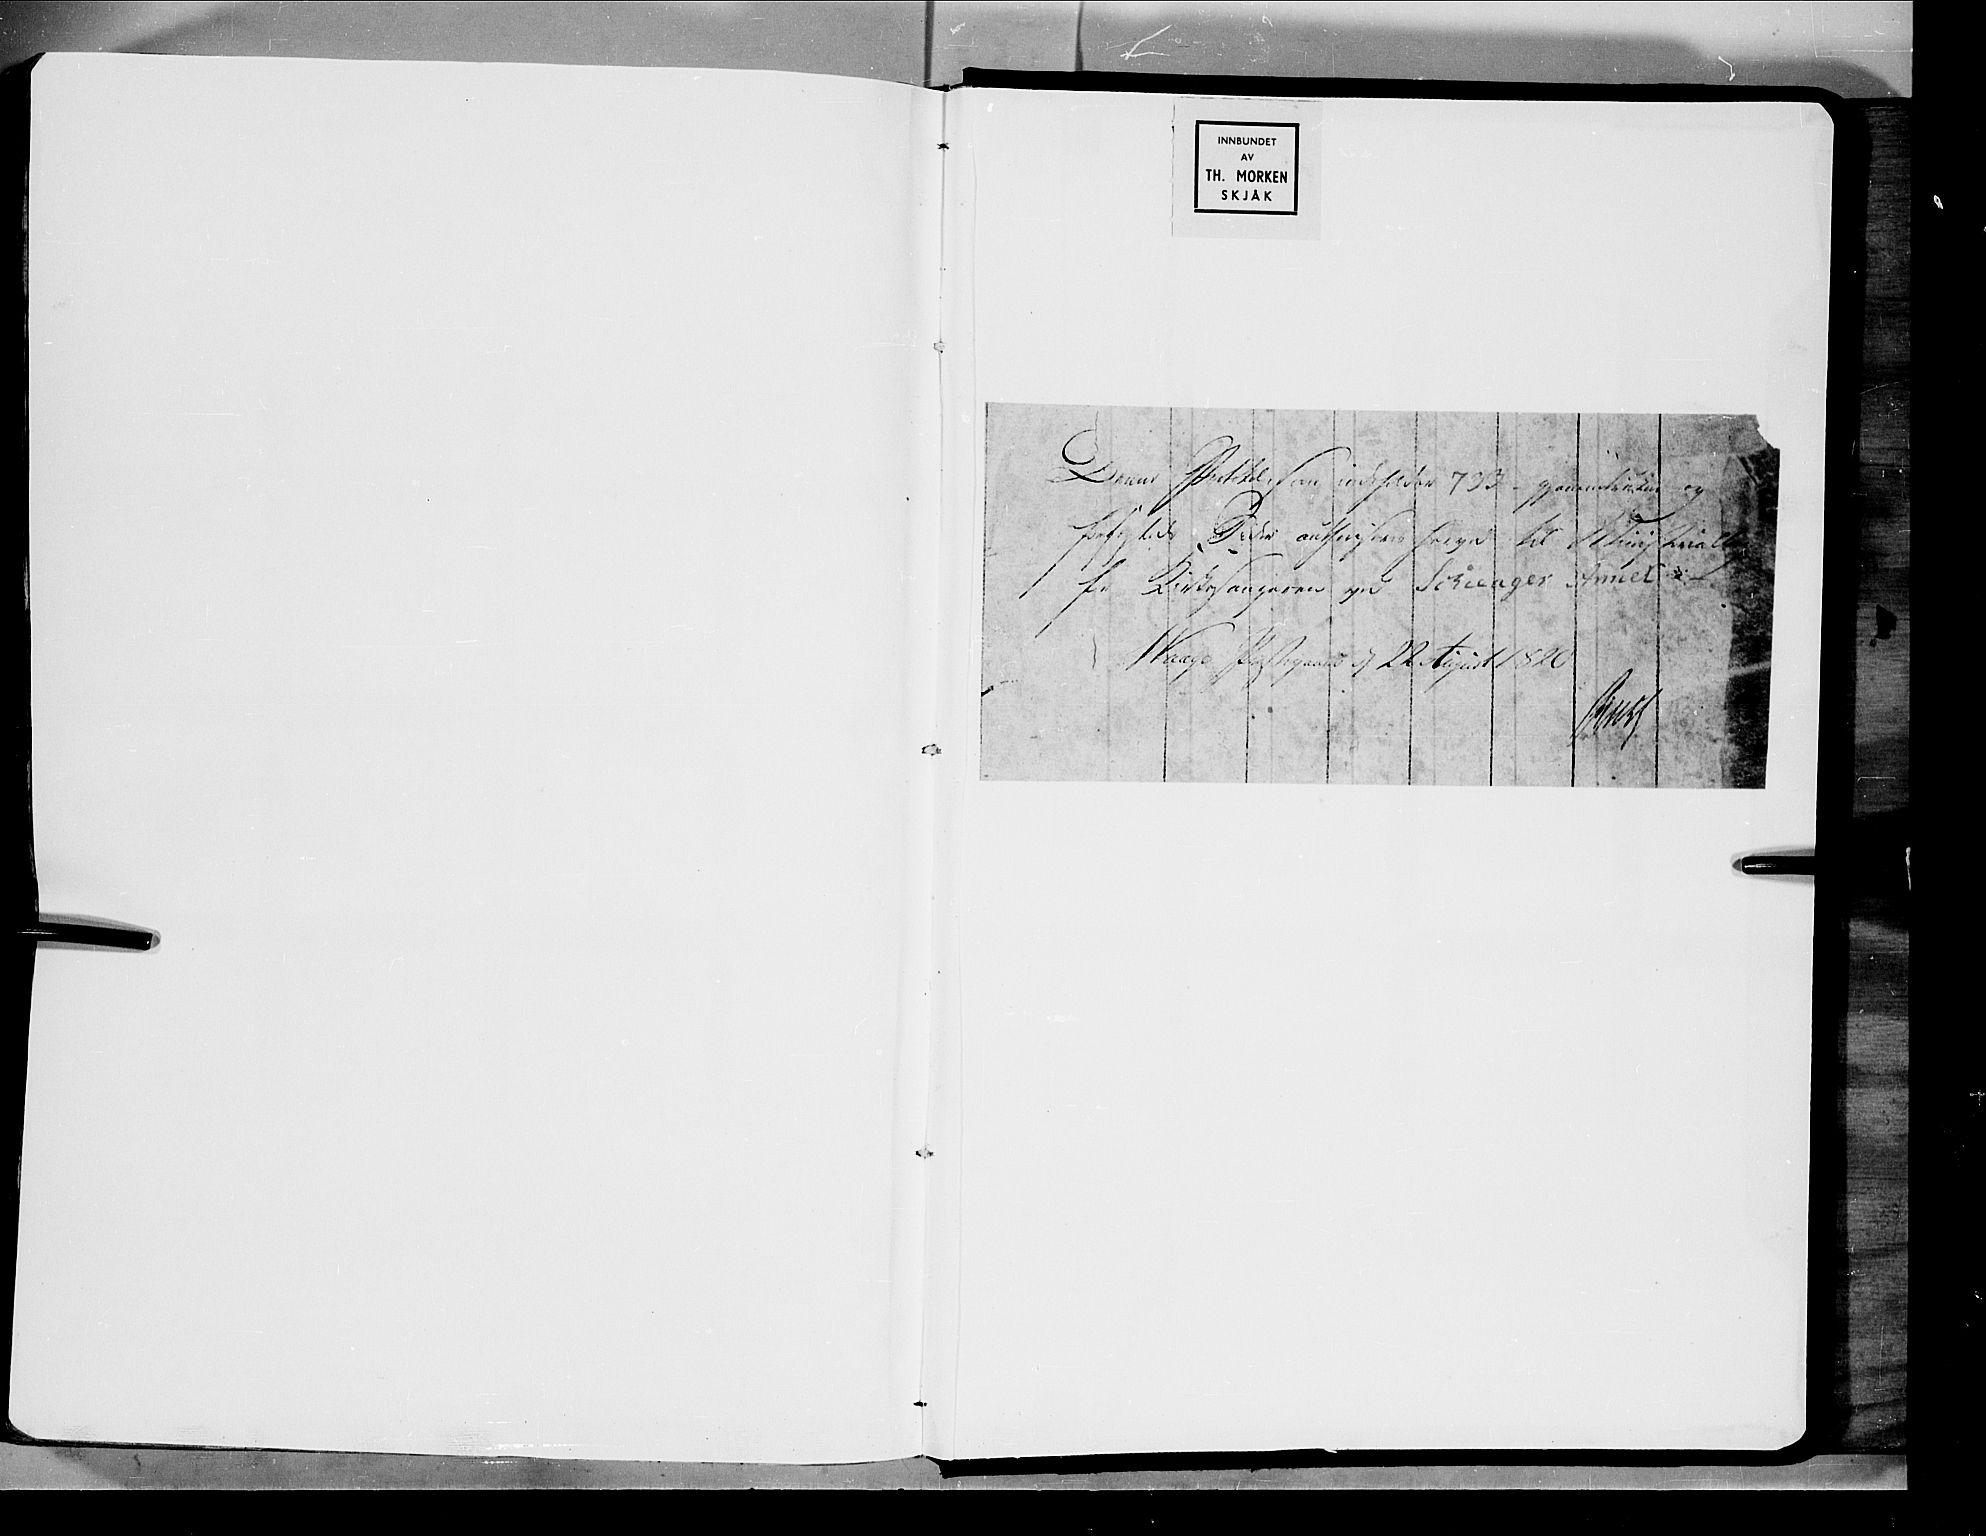 SAH, Lom prestekontor, L/L0003: Klokkerbok nr. 3, 1815-1844, s. 673-674